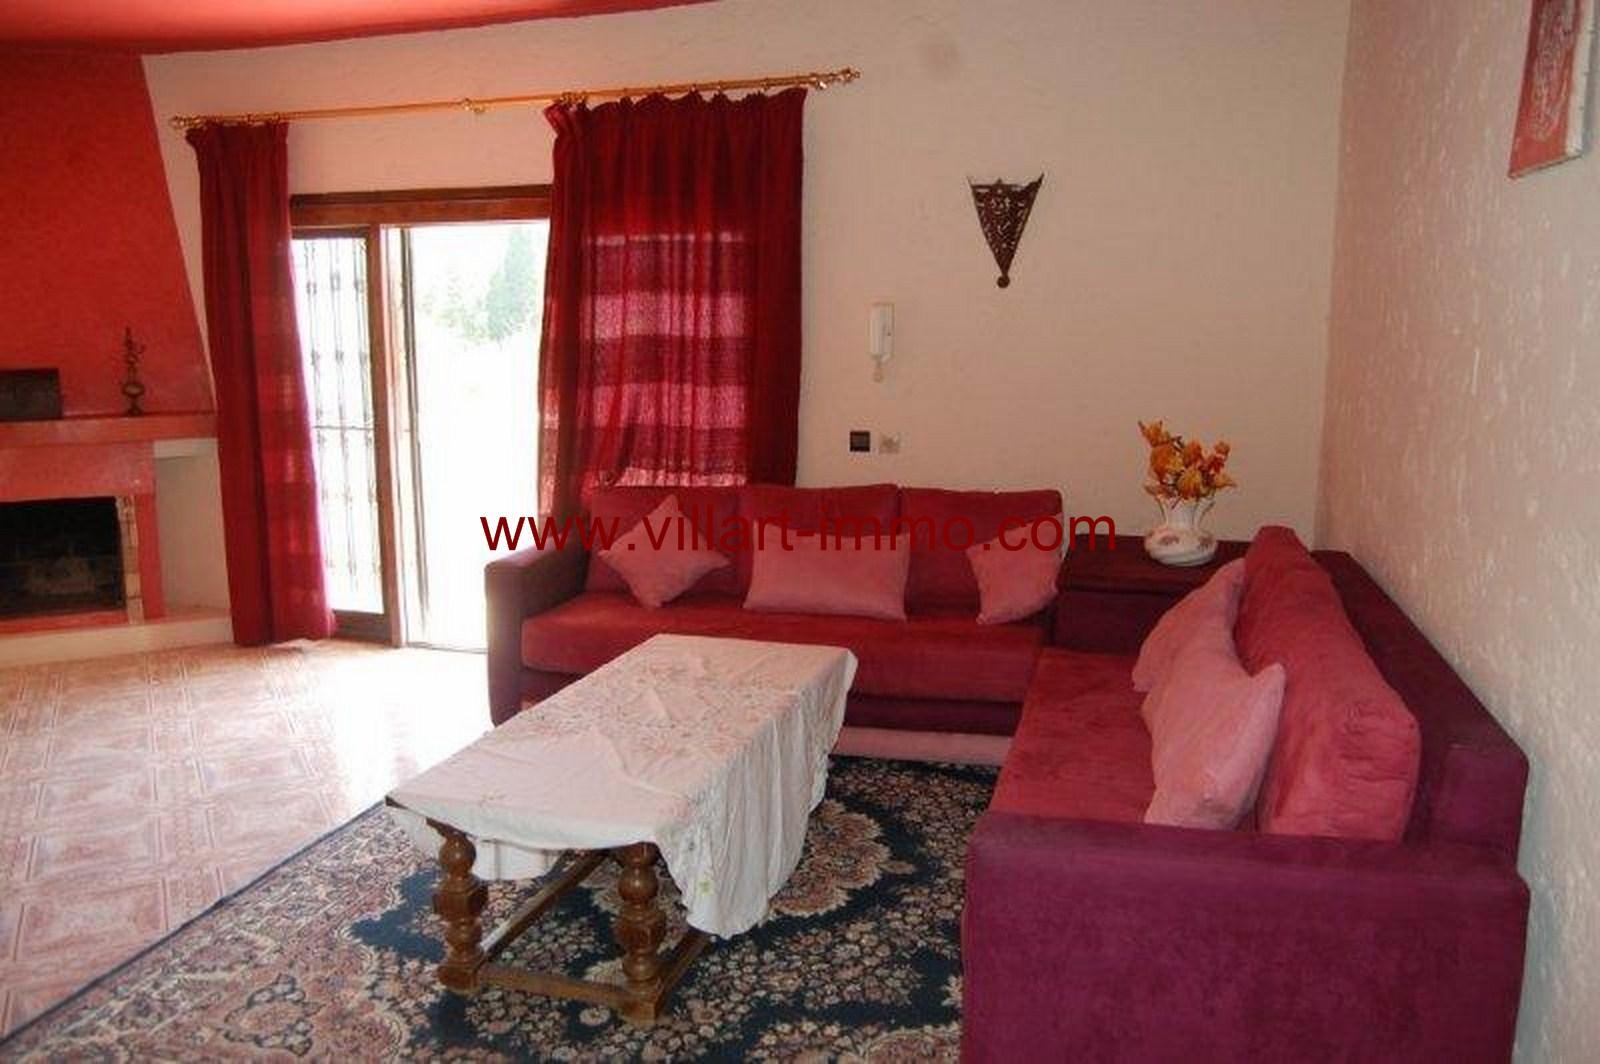 4-Vente-Villa-Tanger-Malabata-Salon 3-VV36-Villart Immo